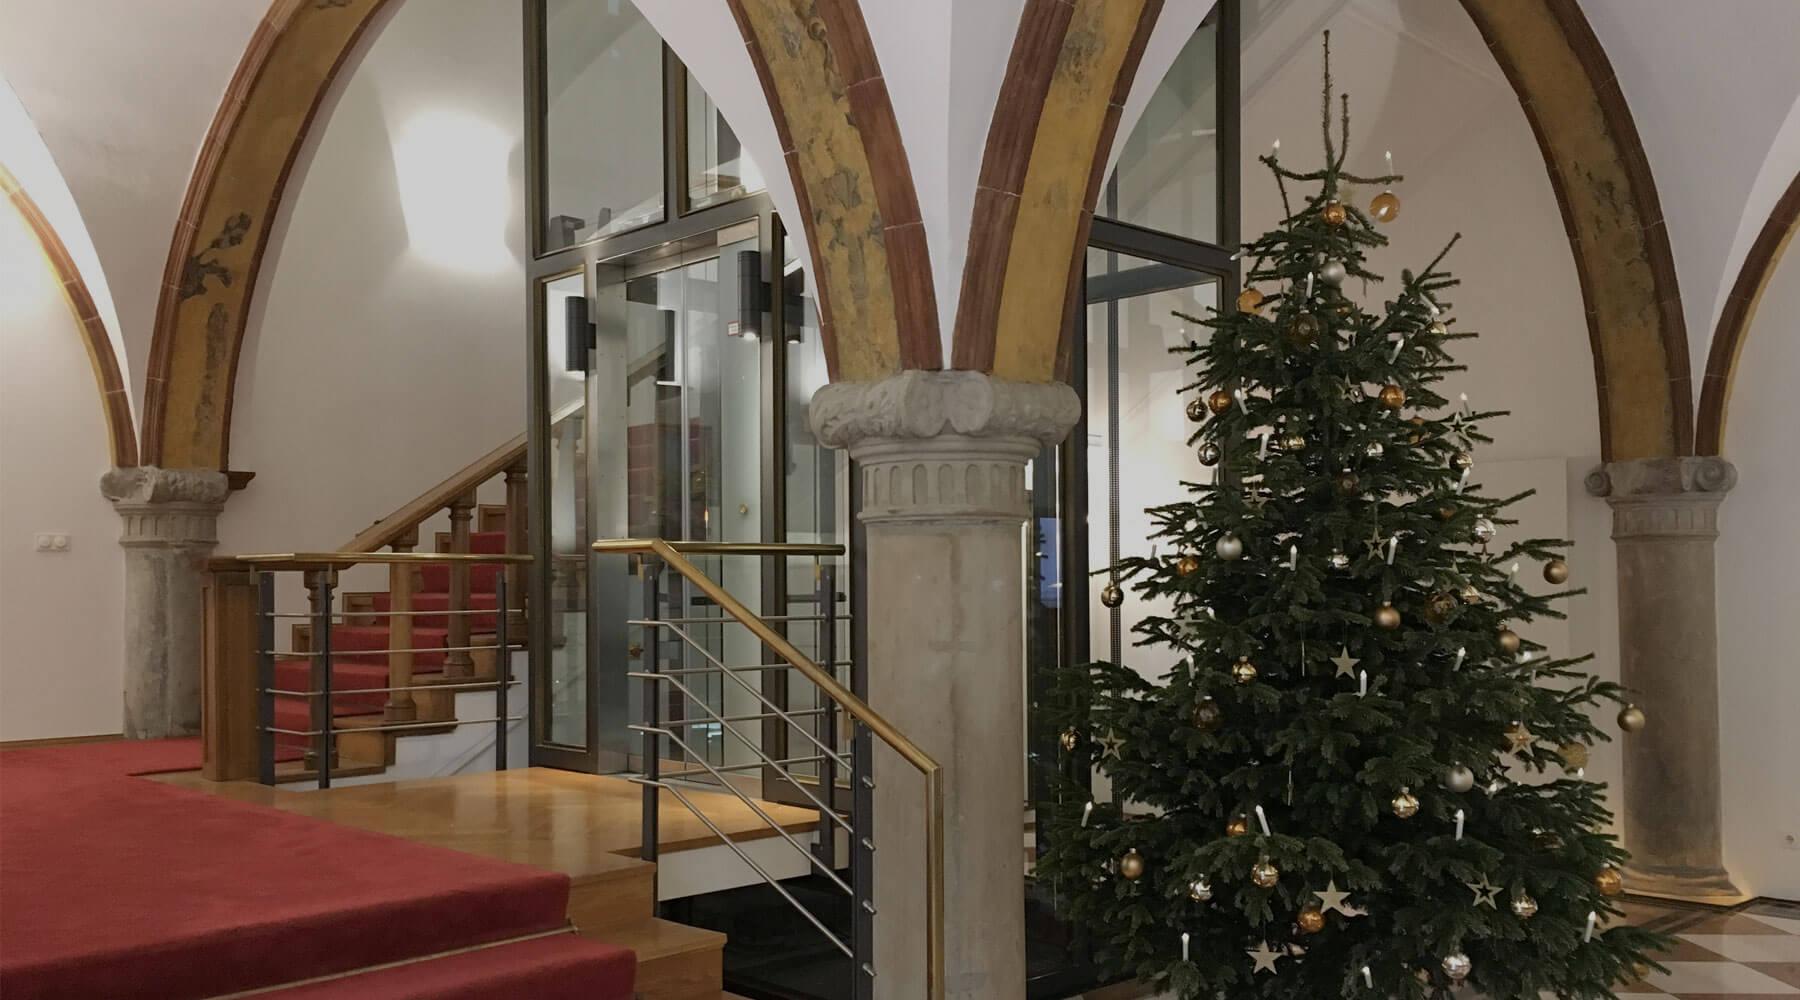 Die Fürst Fugger Privatbank wünscht frohe Weihnachten und einen guten Rutsch ins neue Jahr